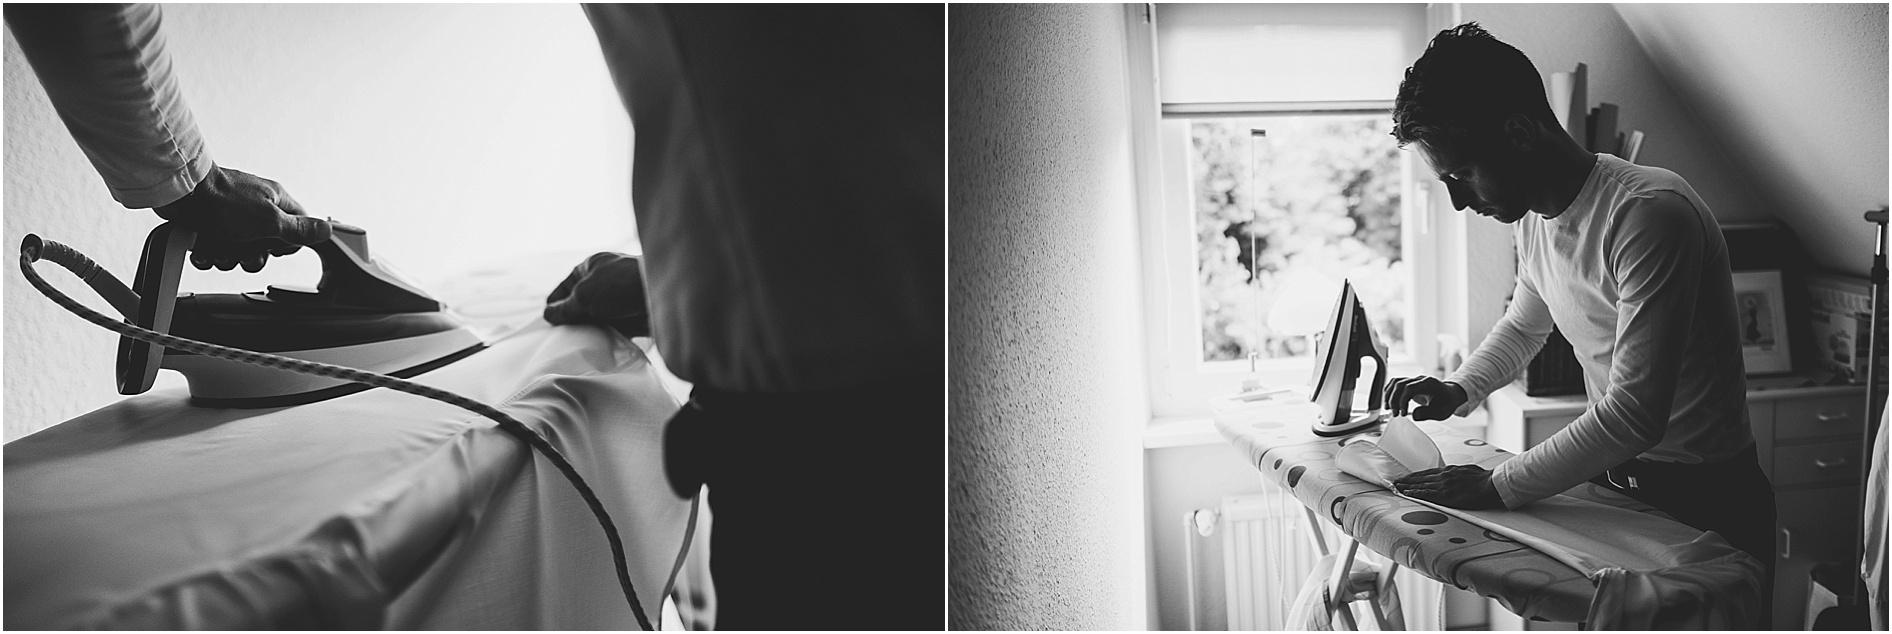 2015-10-27_0005 Tine & Chrischan - Hochzeitsfilm & Fotos in Lüneburg